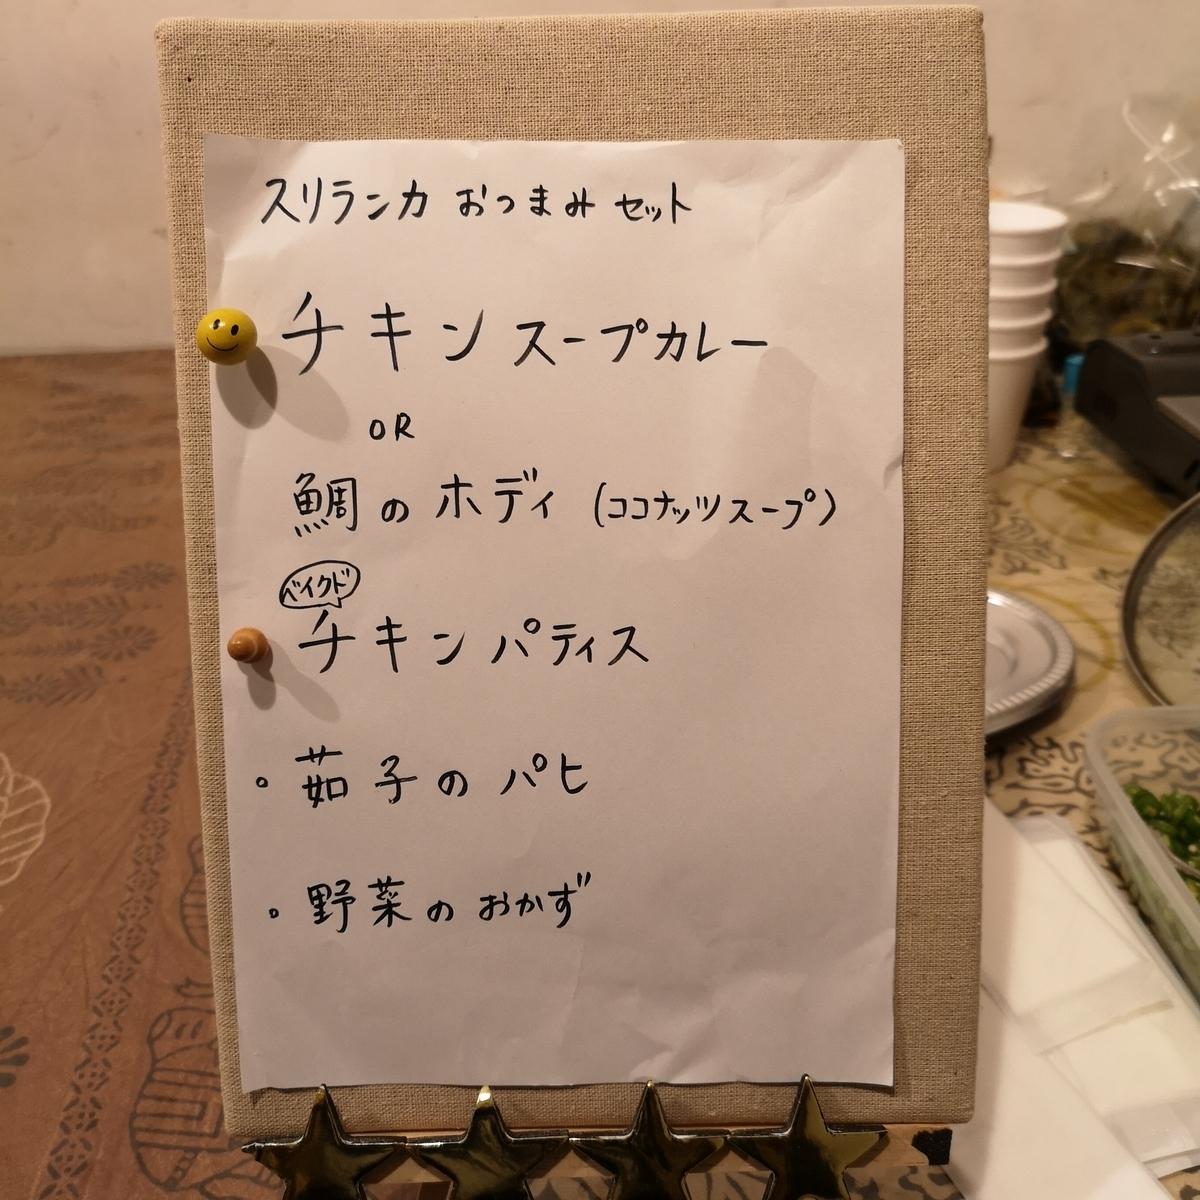 カレー事情聴取スパイス定食&バルVol.7 2019年10月19日 CURRY シバ☆ メニュー